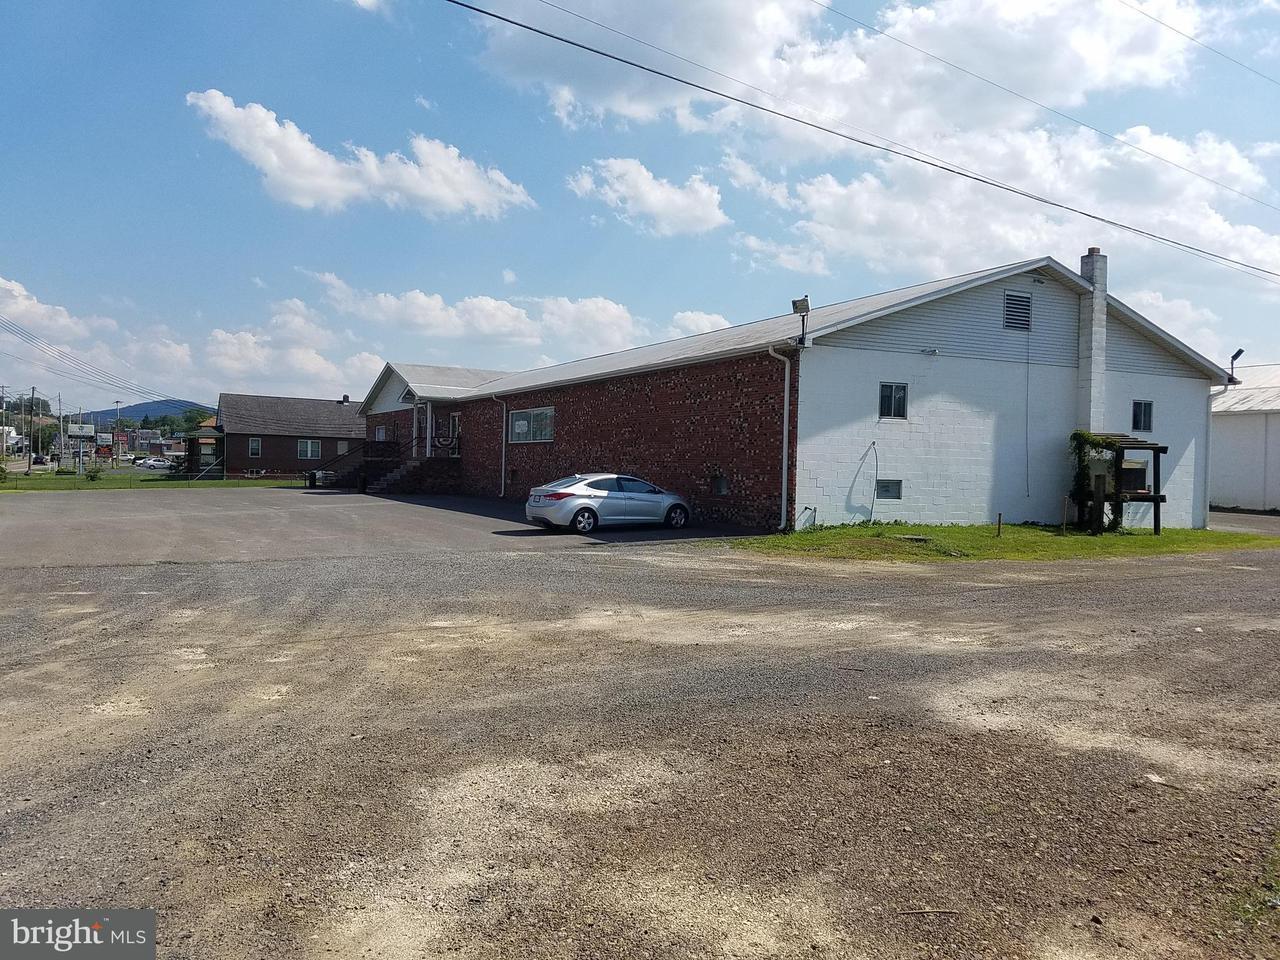 商用 のために 売買 アット 9944 Fort Ashby Road 9944 Fort Ashby Road Fort Ashby, ウェストバージニア 26719 アメリカ合衆国